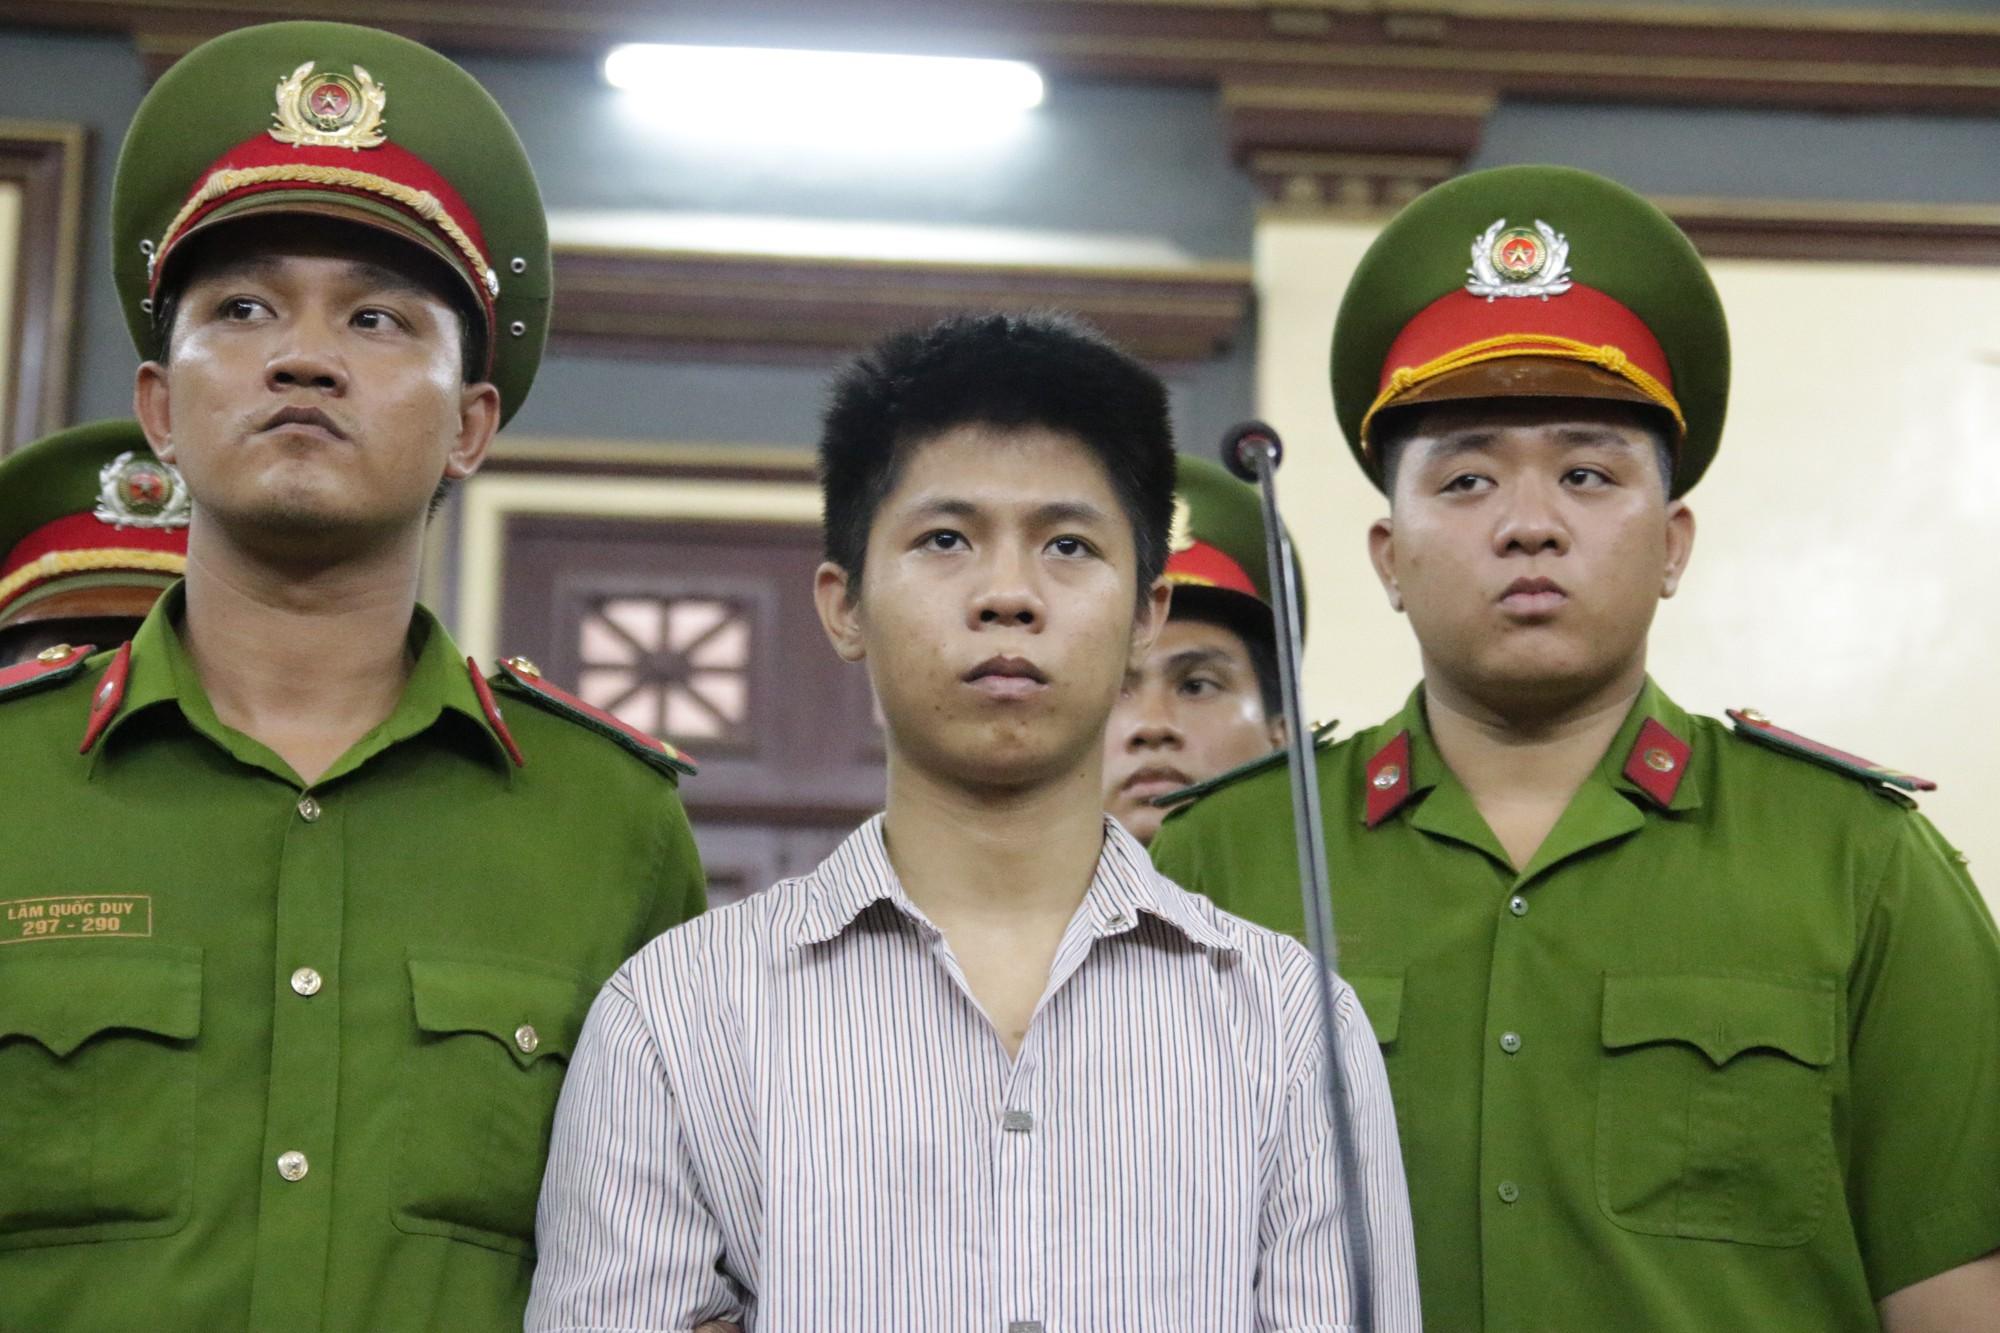 Bà nội bé gái bị tạt axit năm 7 tuổi vì mẹ giật chồng người khác: Tôi muốn xin đôi mắt của tử tù Nguyễn Hữu Tình để cứu cháu - Ảnh 4.